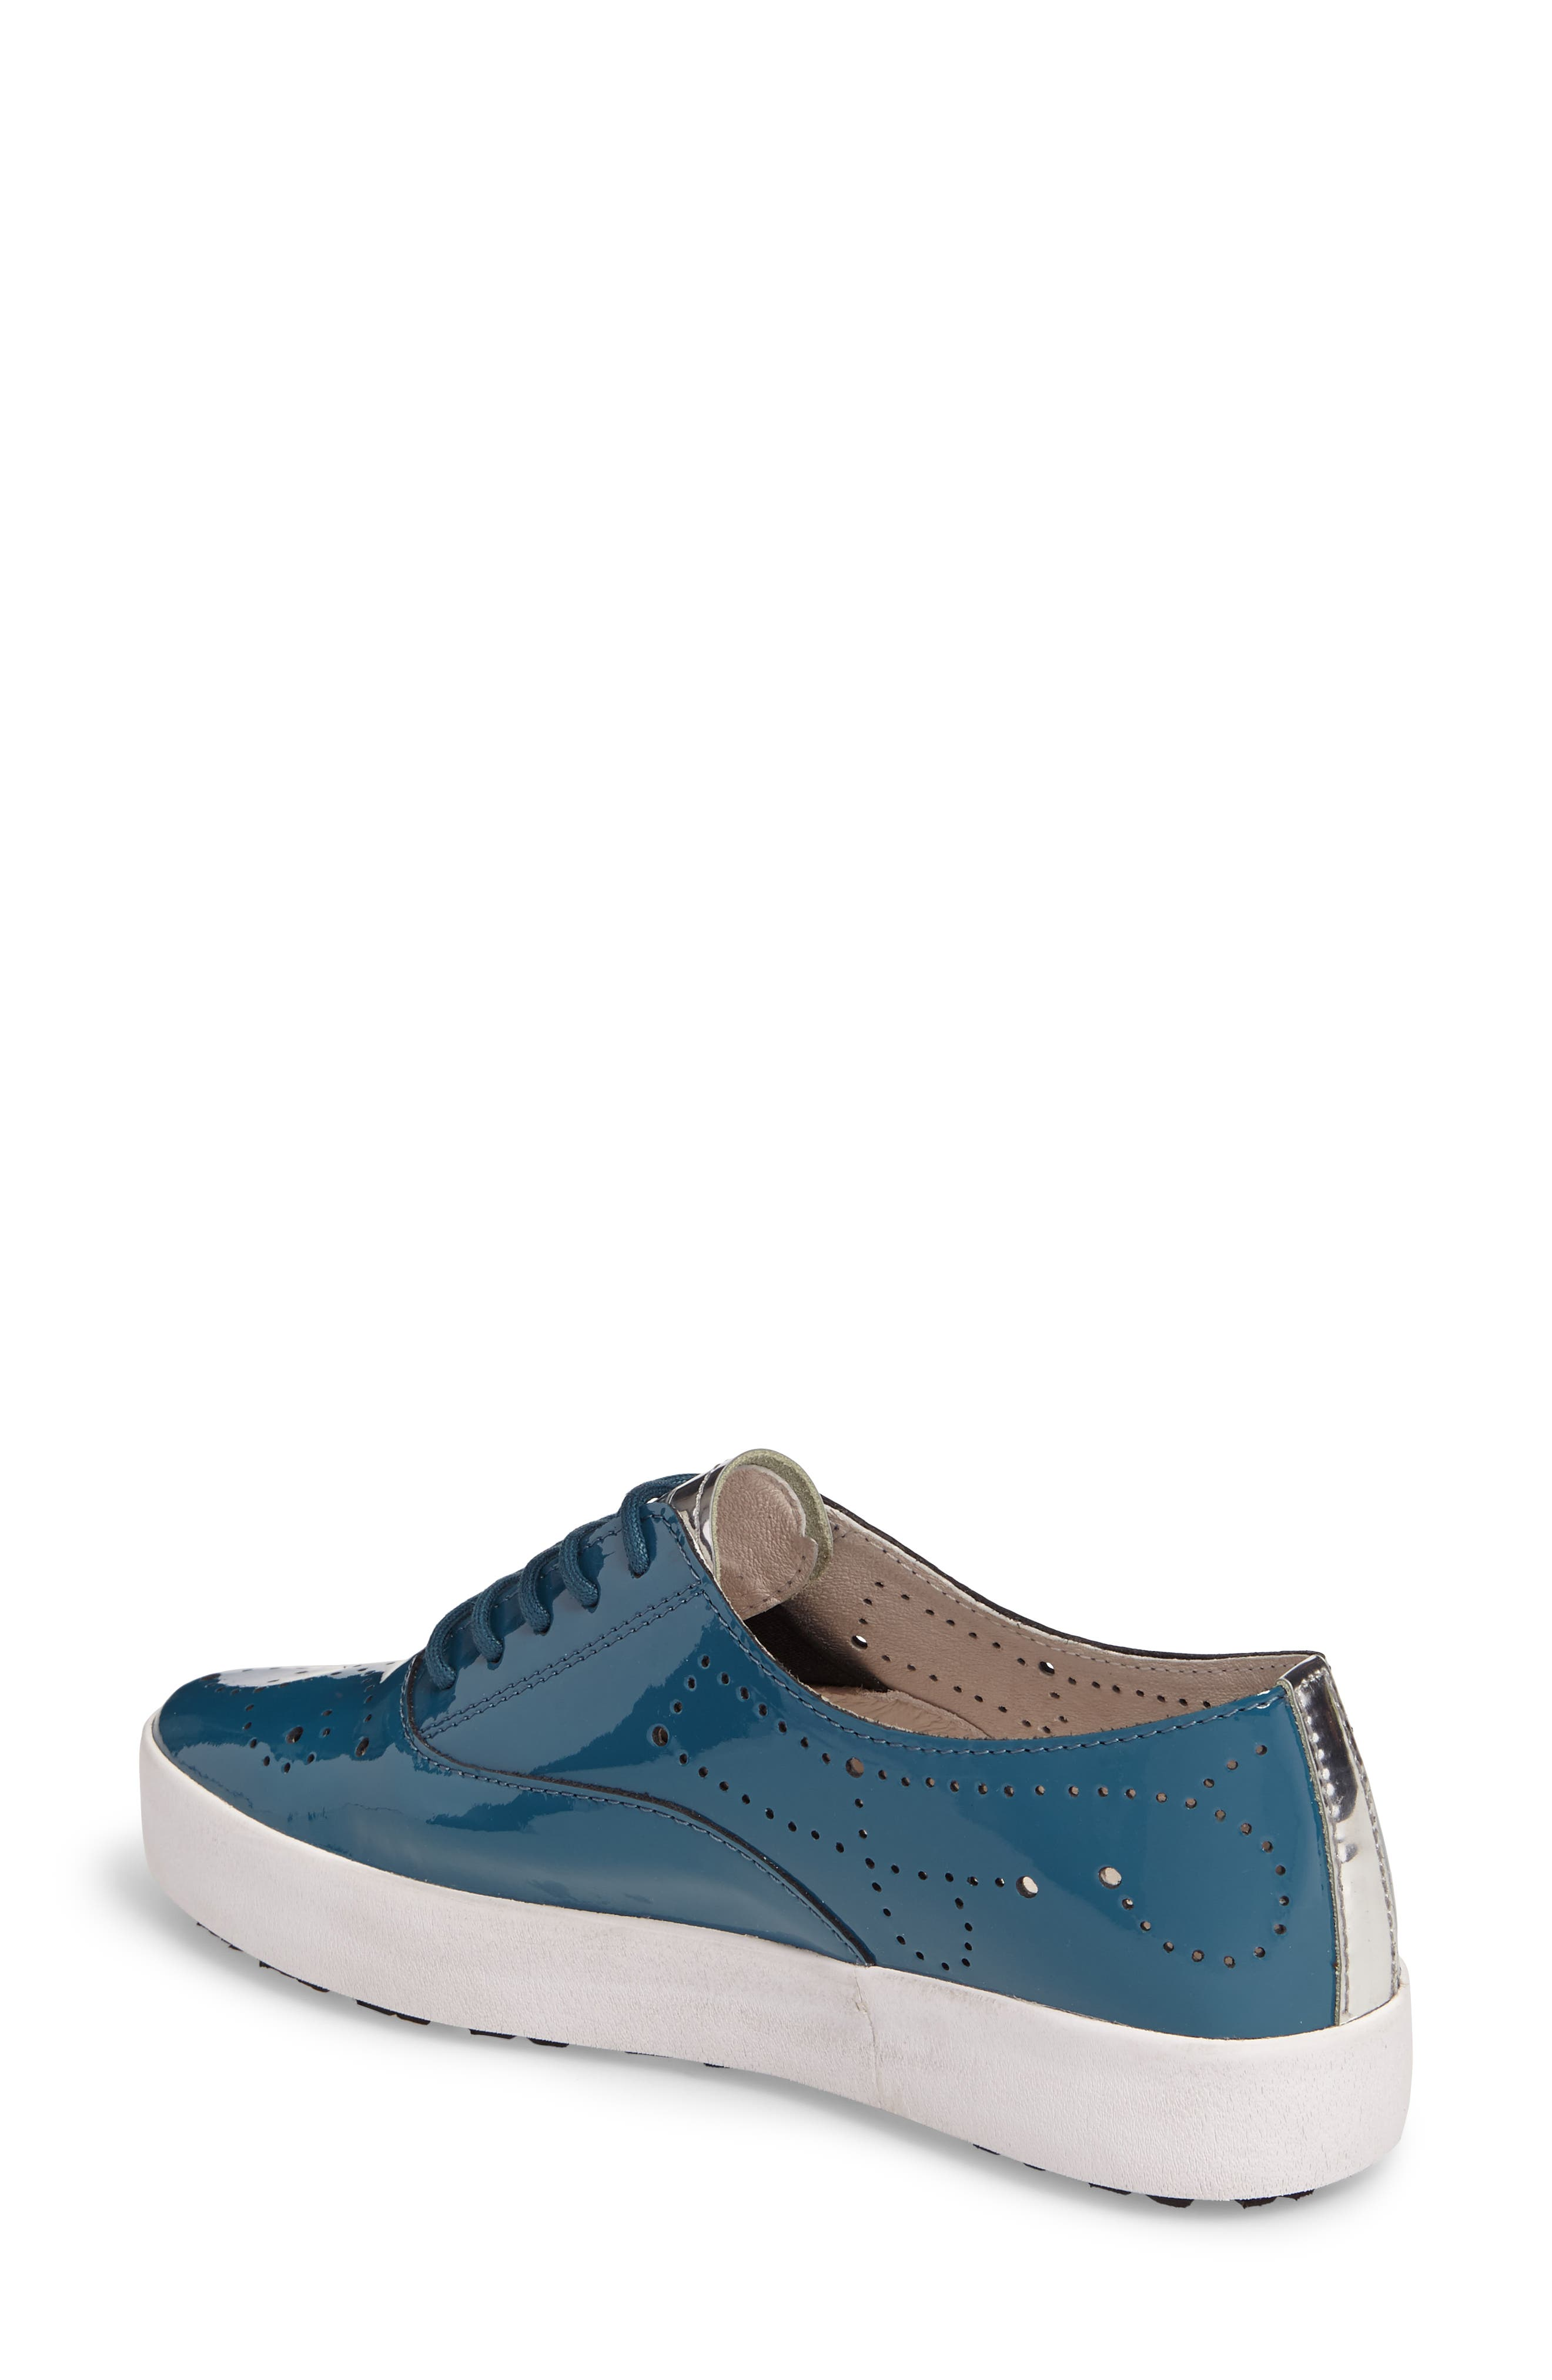 NL41 Sneaker,                             Alternate thumbnail 4, color,